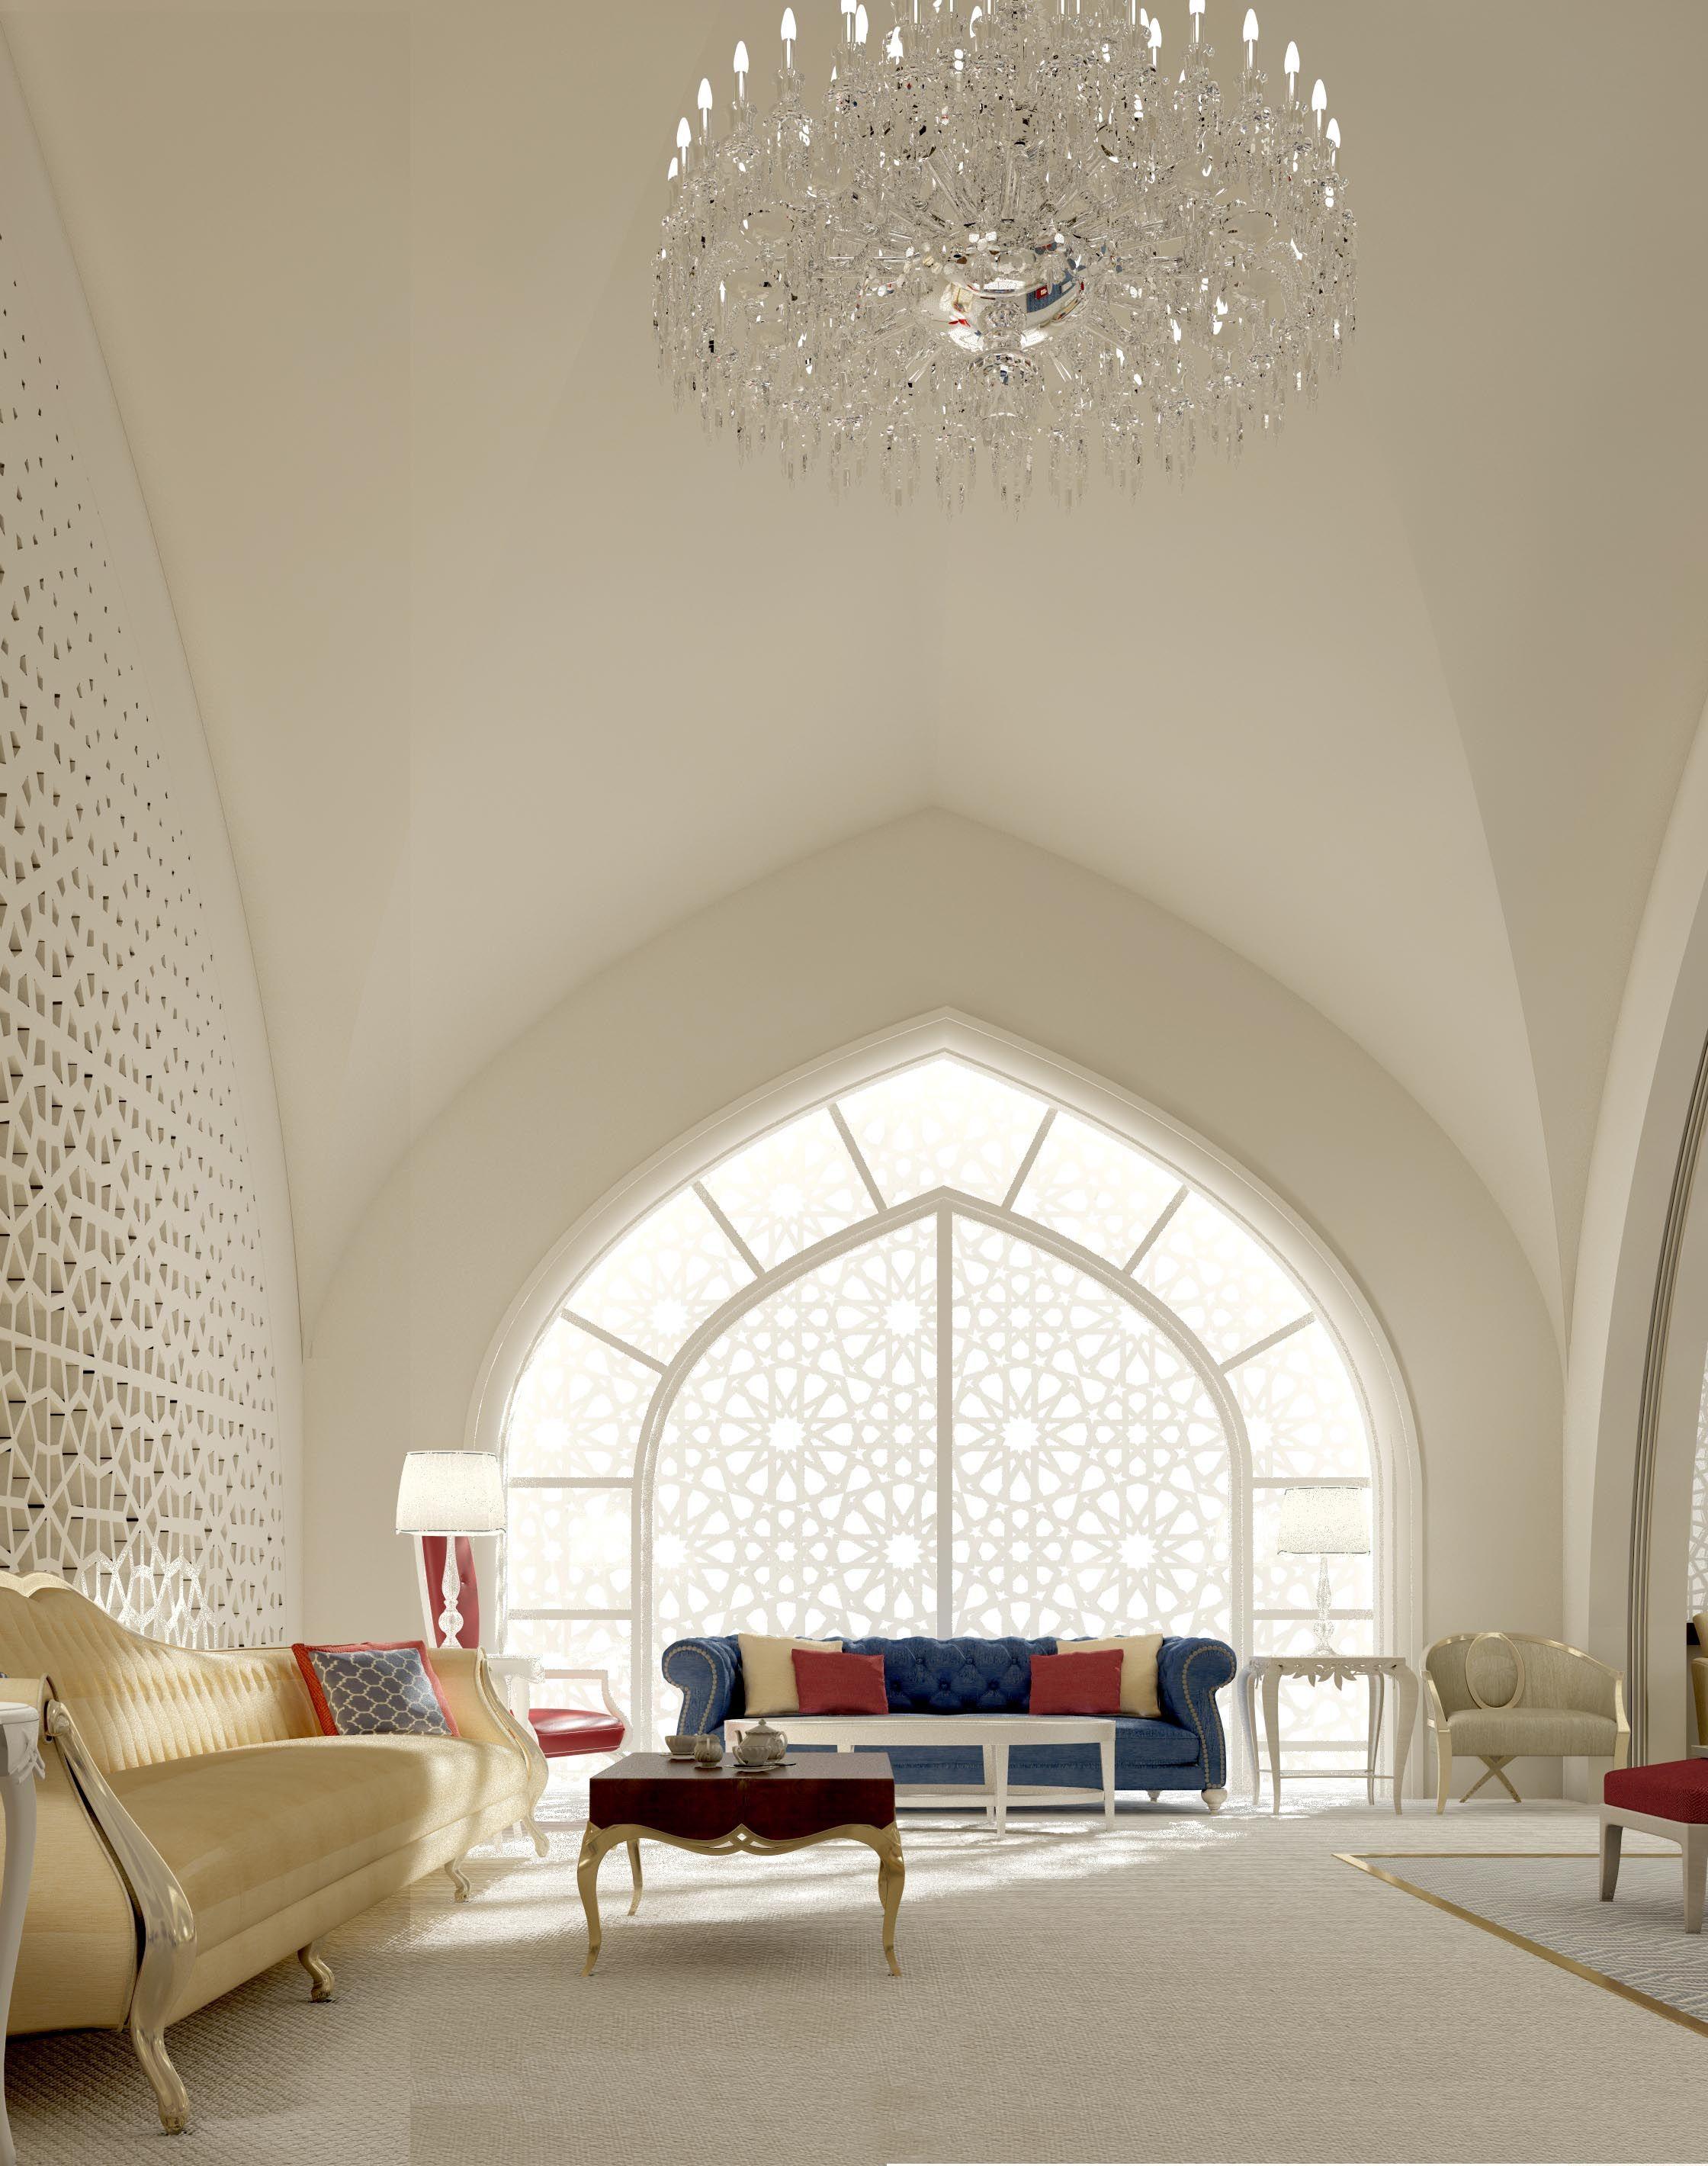 Mimar interiors moroccan design decor style also interior modern arabic in dubai rh pinterest